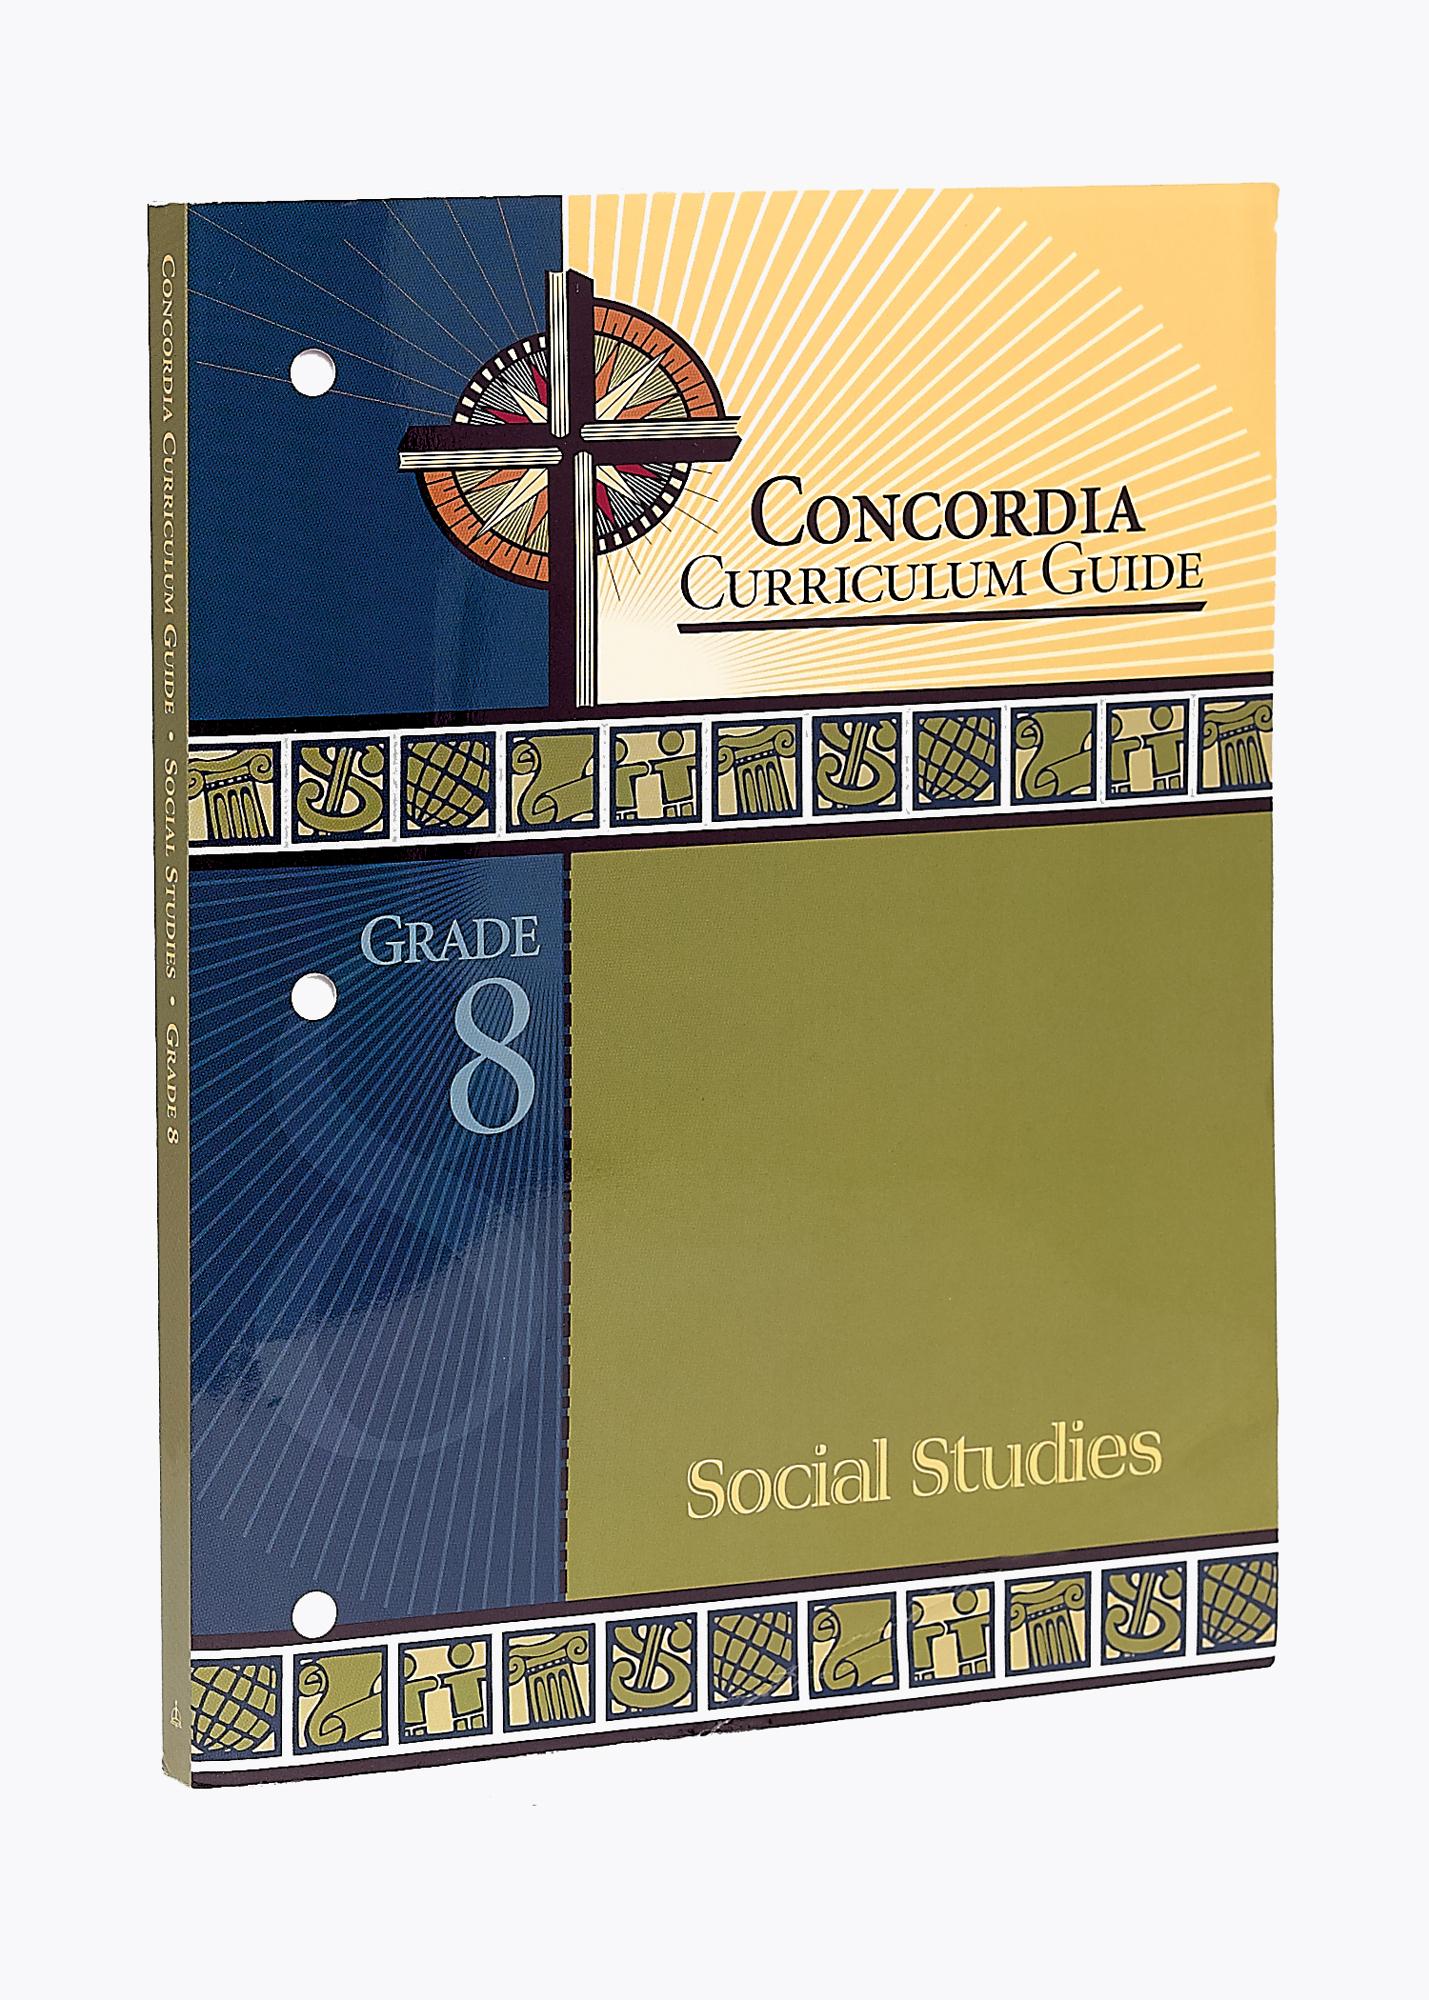 Concordia Curriculum Guide - Grade 8 Social Studies